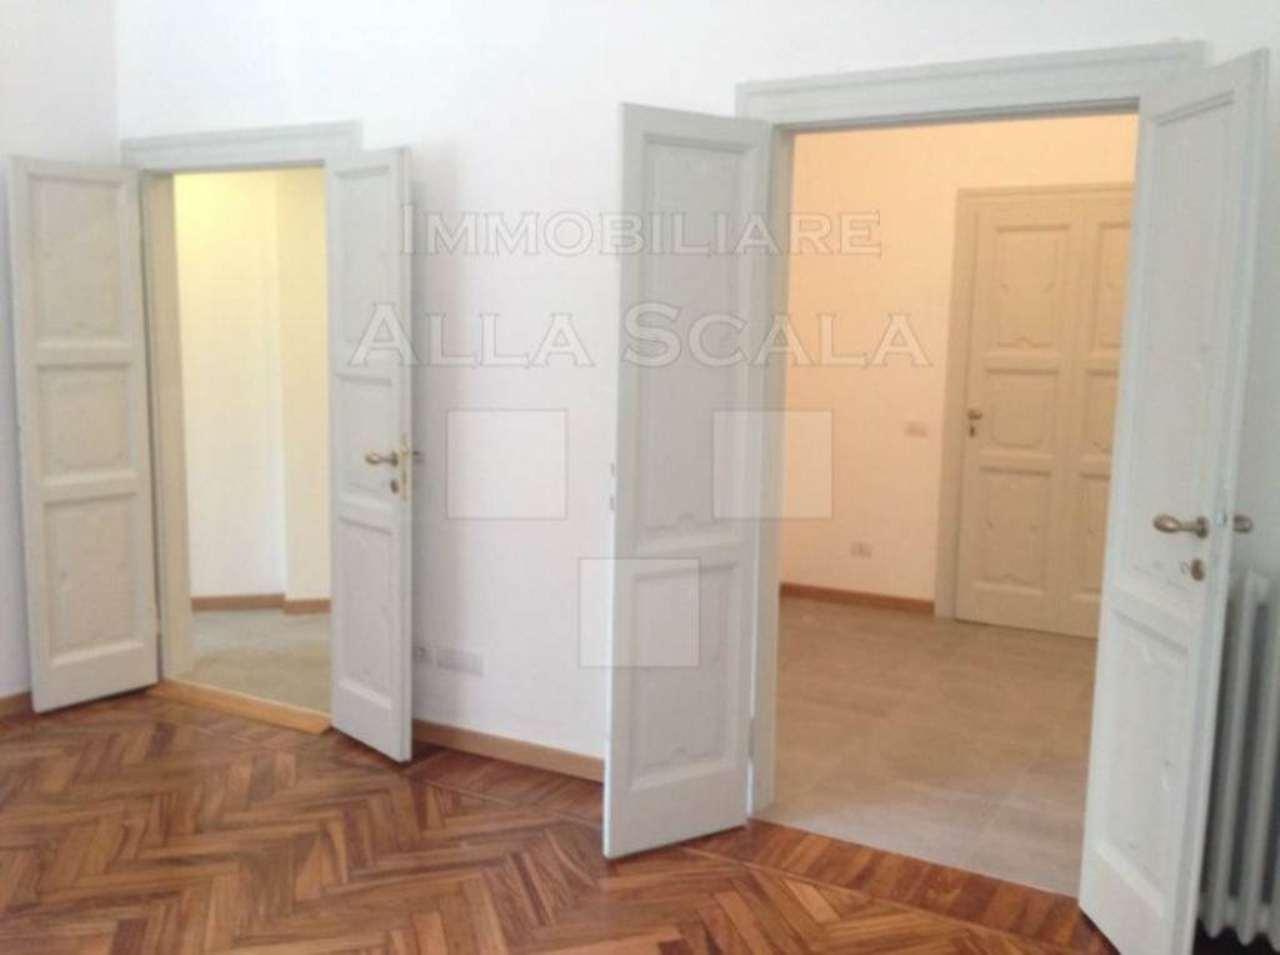 Ufficio / Studio in affitto a Milano, 4 locali, zona Zona: 1 . Centro Storico, Duomo, Brera, Cadorna, Cattolica, prezzo € 3.330 | Cambio Casa.it